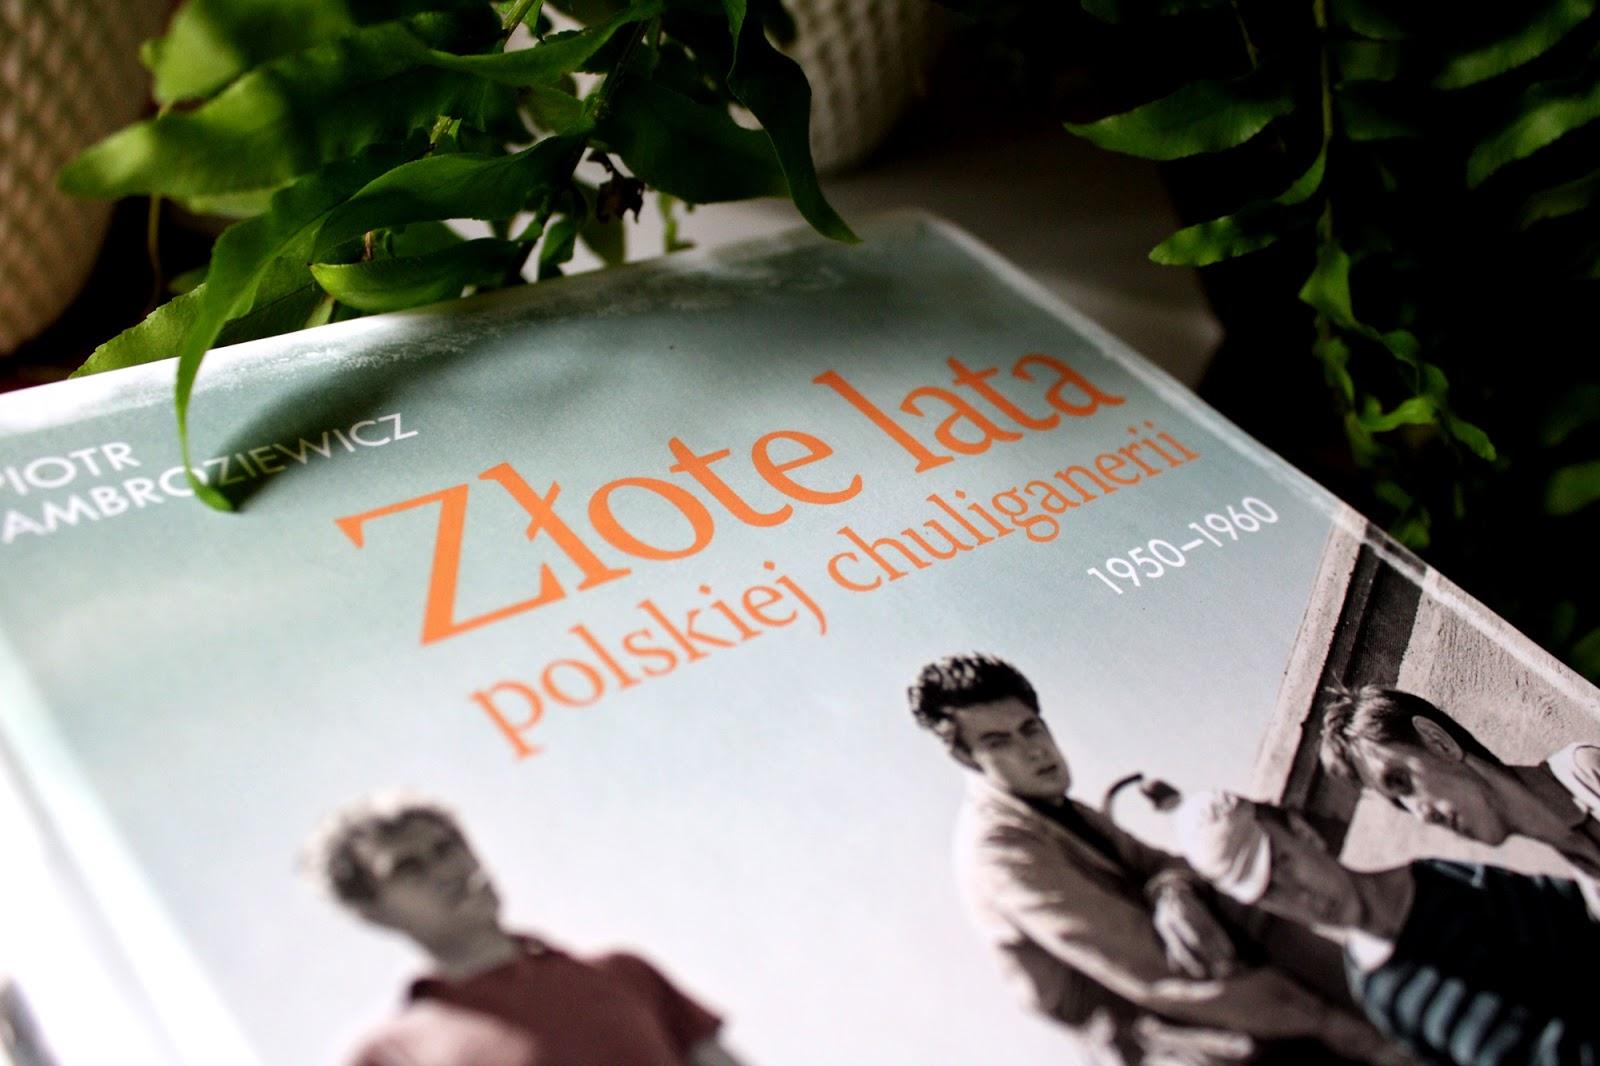 Złote lata polskiej chuliganerii 1950 - 1960